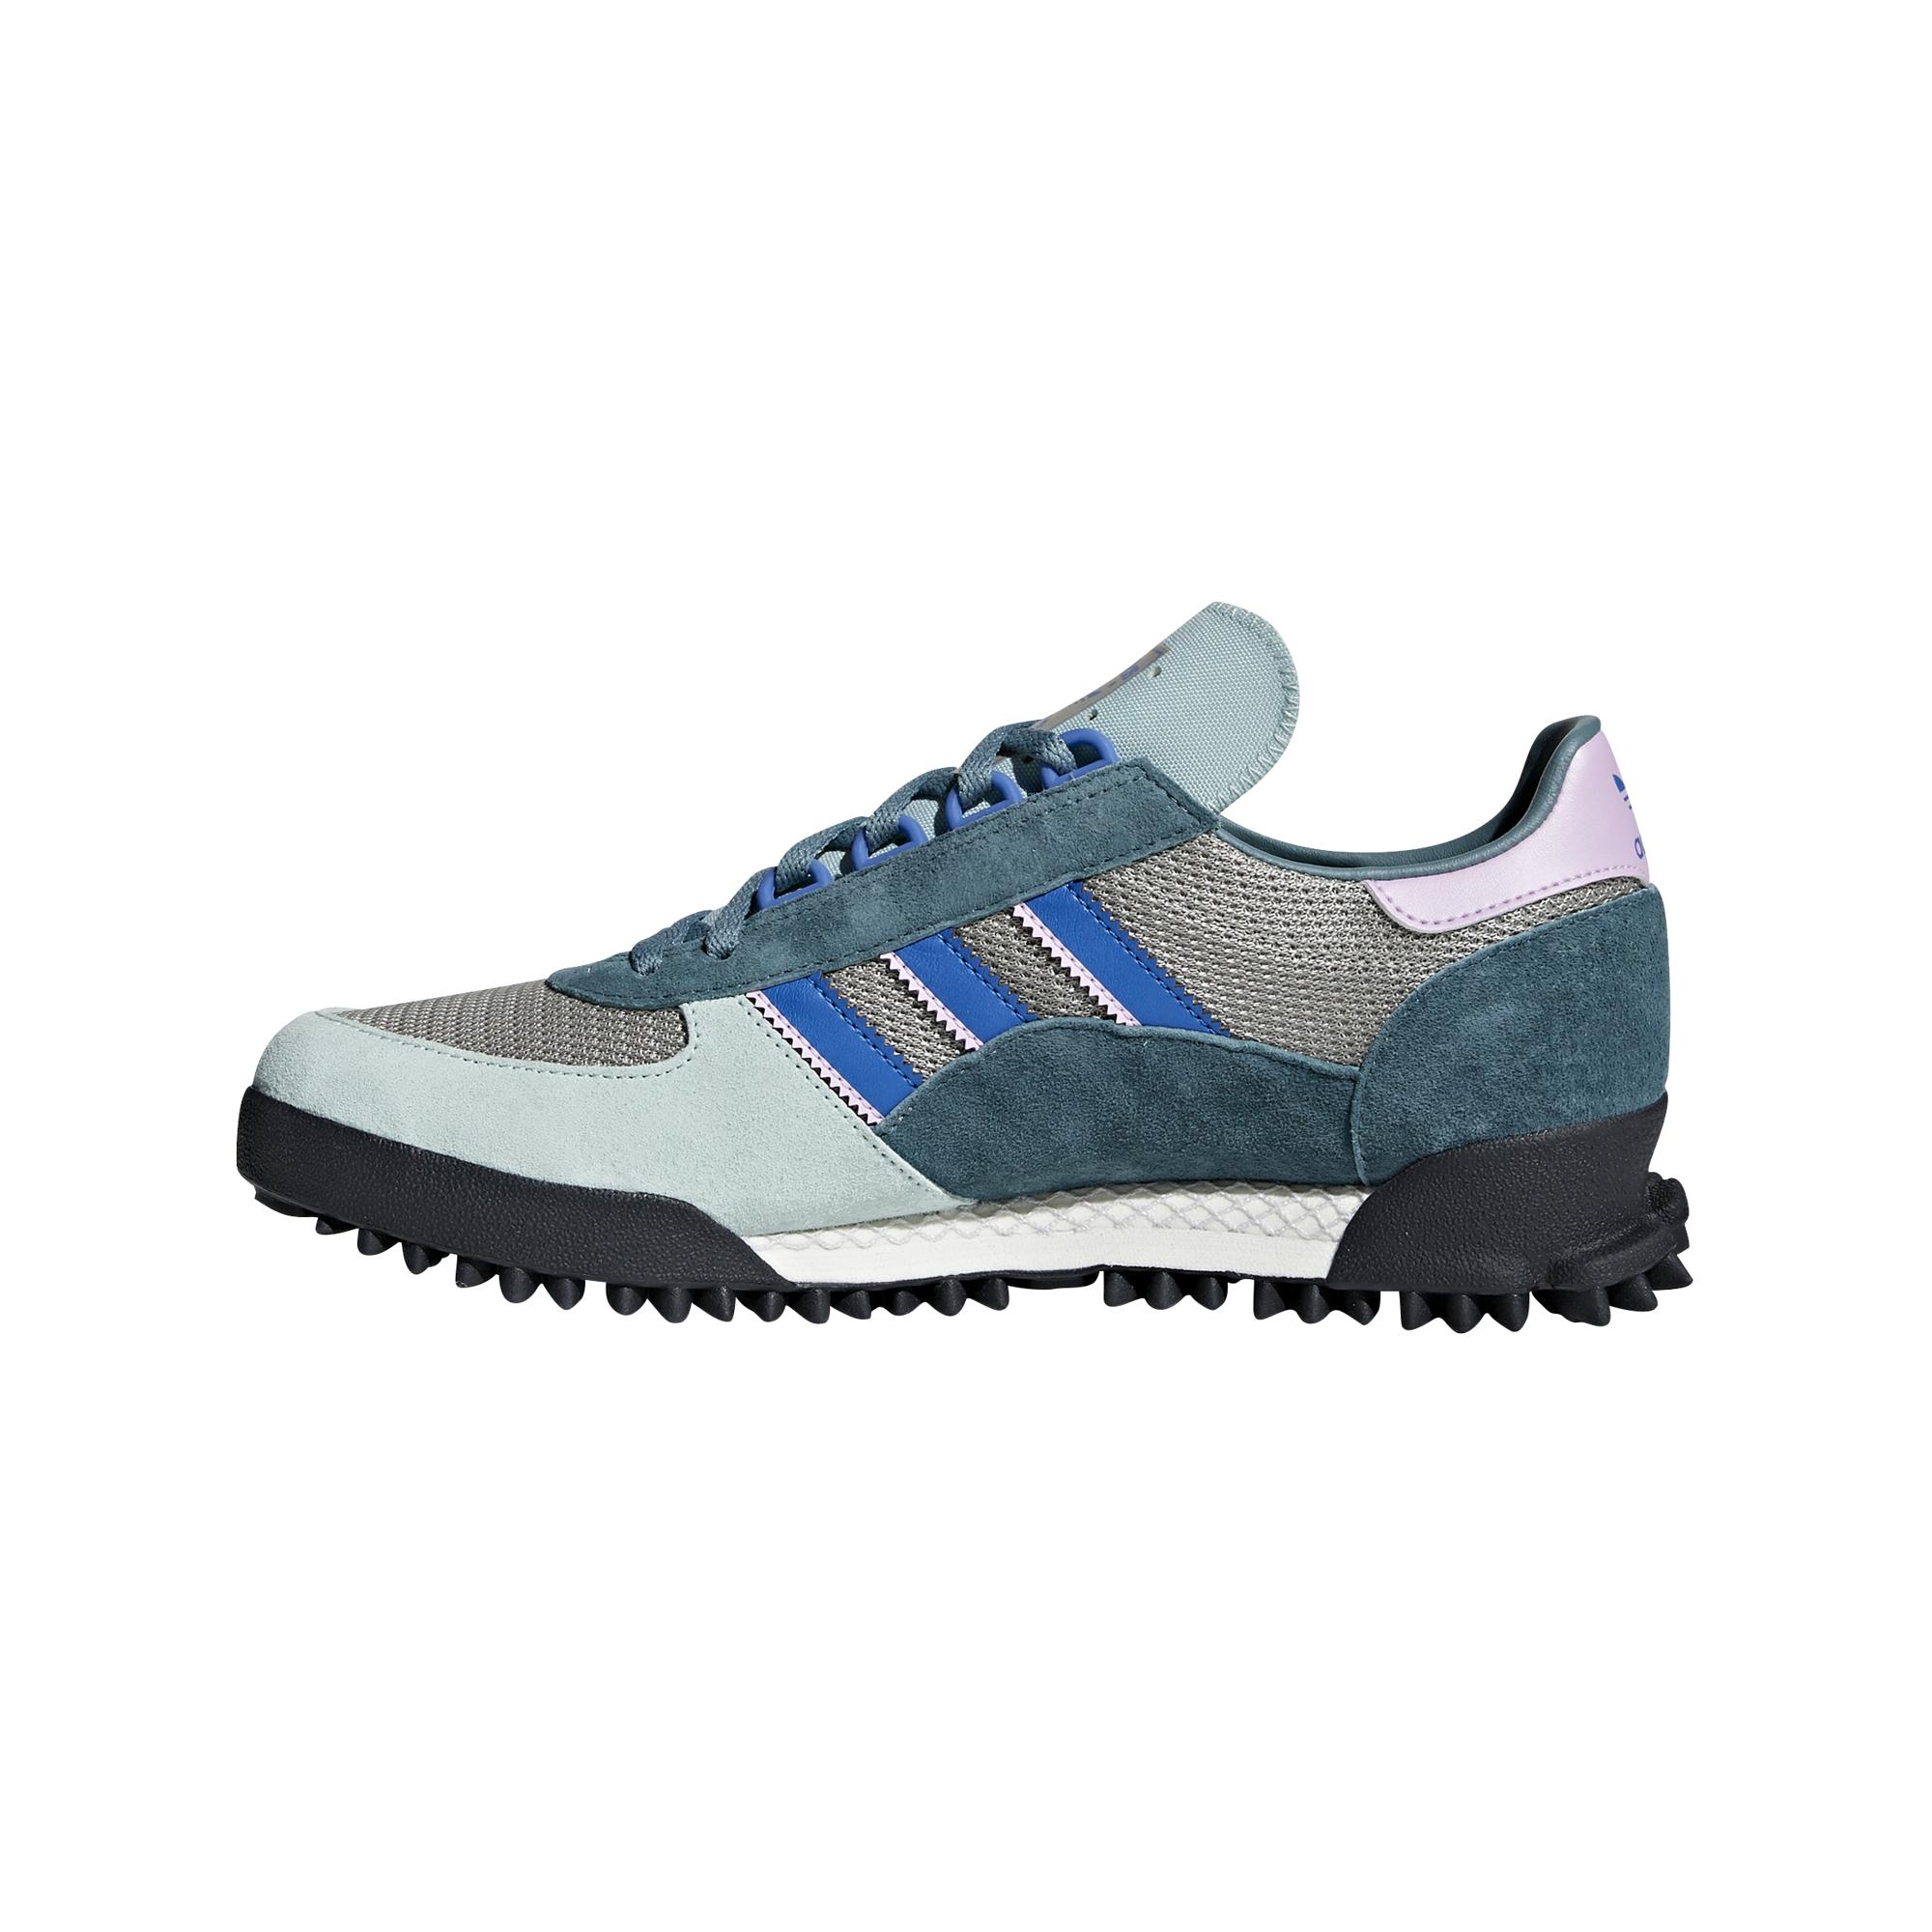 9a5d953057c8 adidas Marathon TR B37444 · adidas Marathon TR B37444 ...